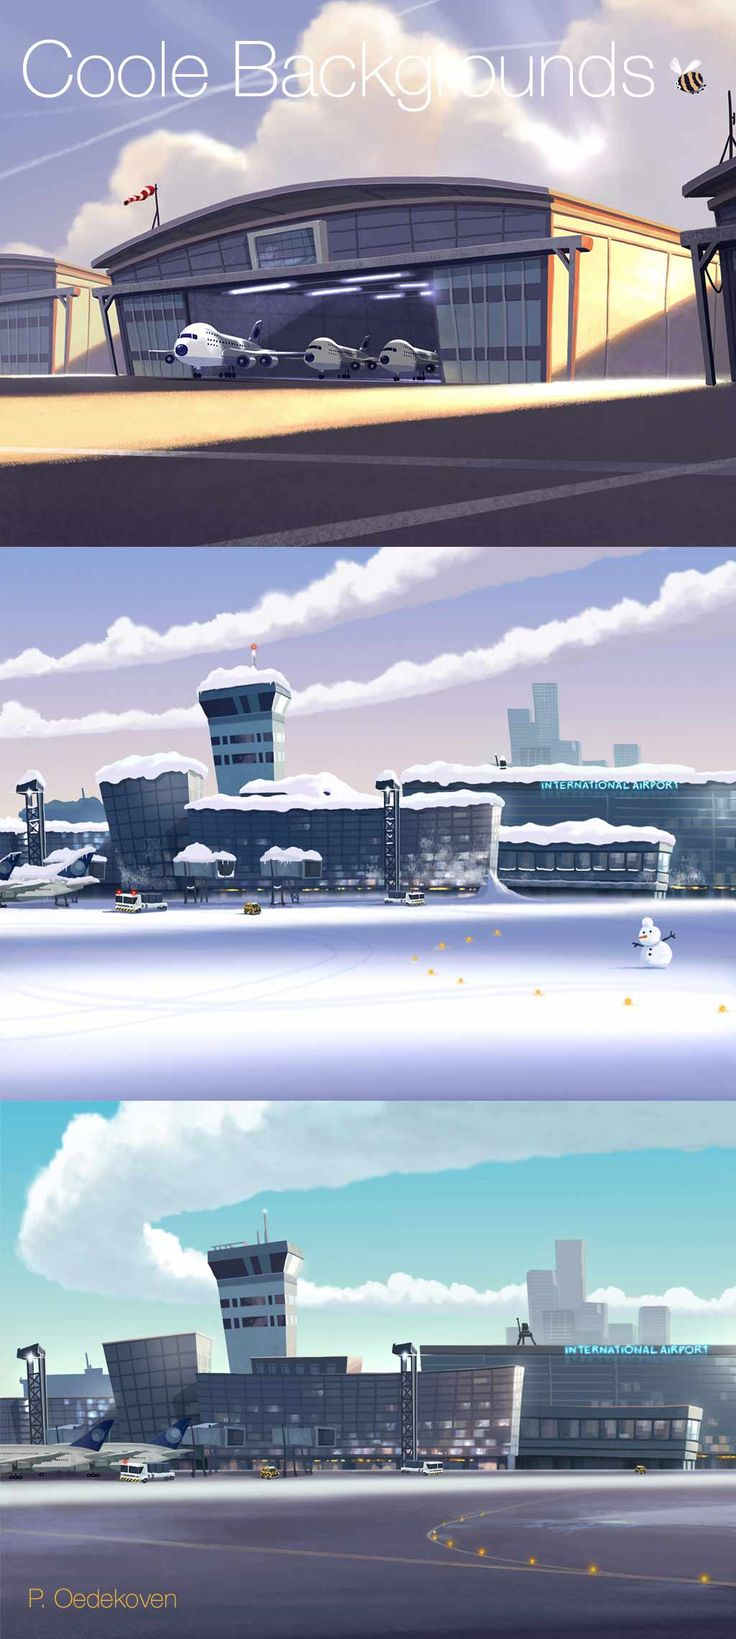 Erst enteisen, dann verreisen. Cool Jets, die erste im Apple App Store erhältliche Spiel-App von Lufthansa Systems, für die kleinen Fluggäste der großen Airlines. Mit Cooljets können schon kleine Flugzeugfans ab 4 Jahren ihre eigenen Fliegerstaffel gestalten.  #Lufthansa #Apps #Apple #Flugzeug #Design #creative #brands #business #concepts #product #promotion